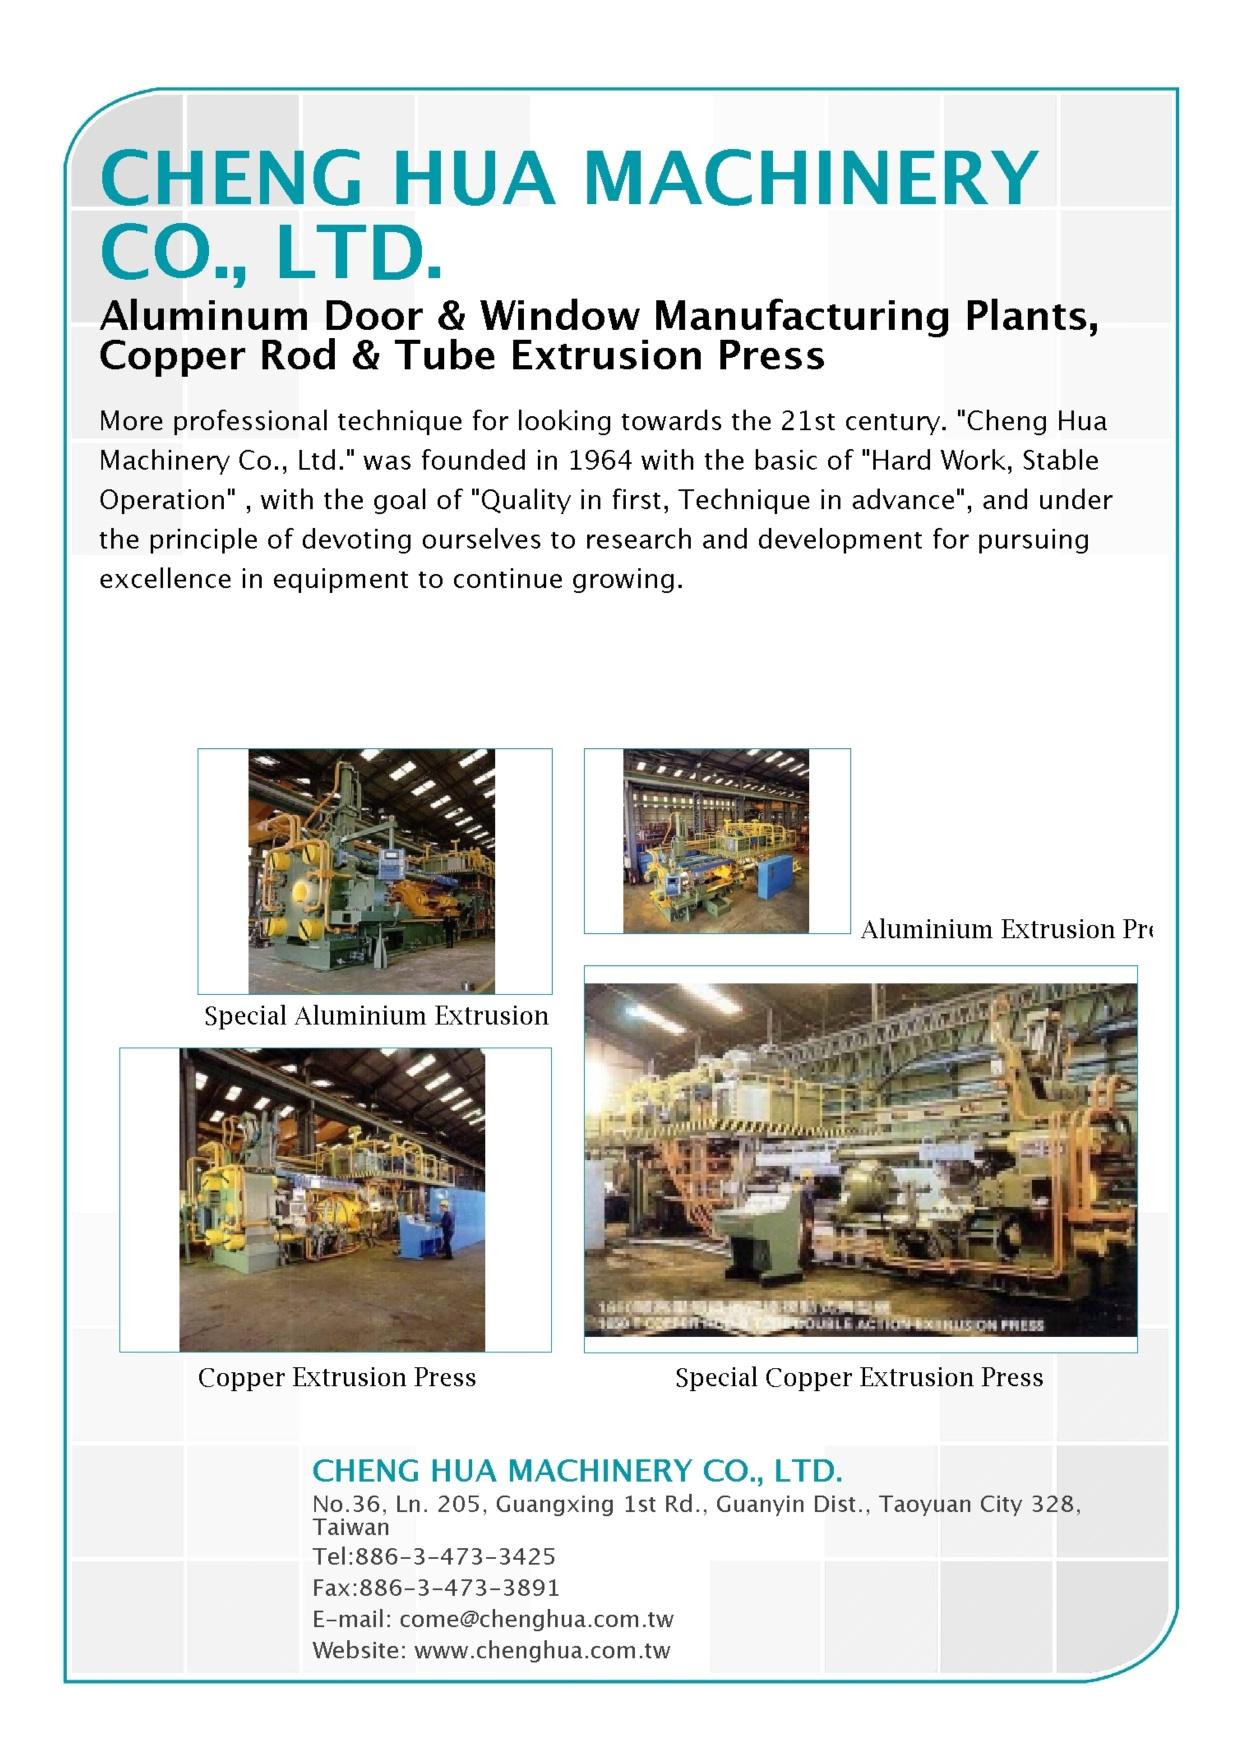 CHENG HUA MACHINERY CO., LTD.